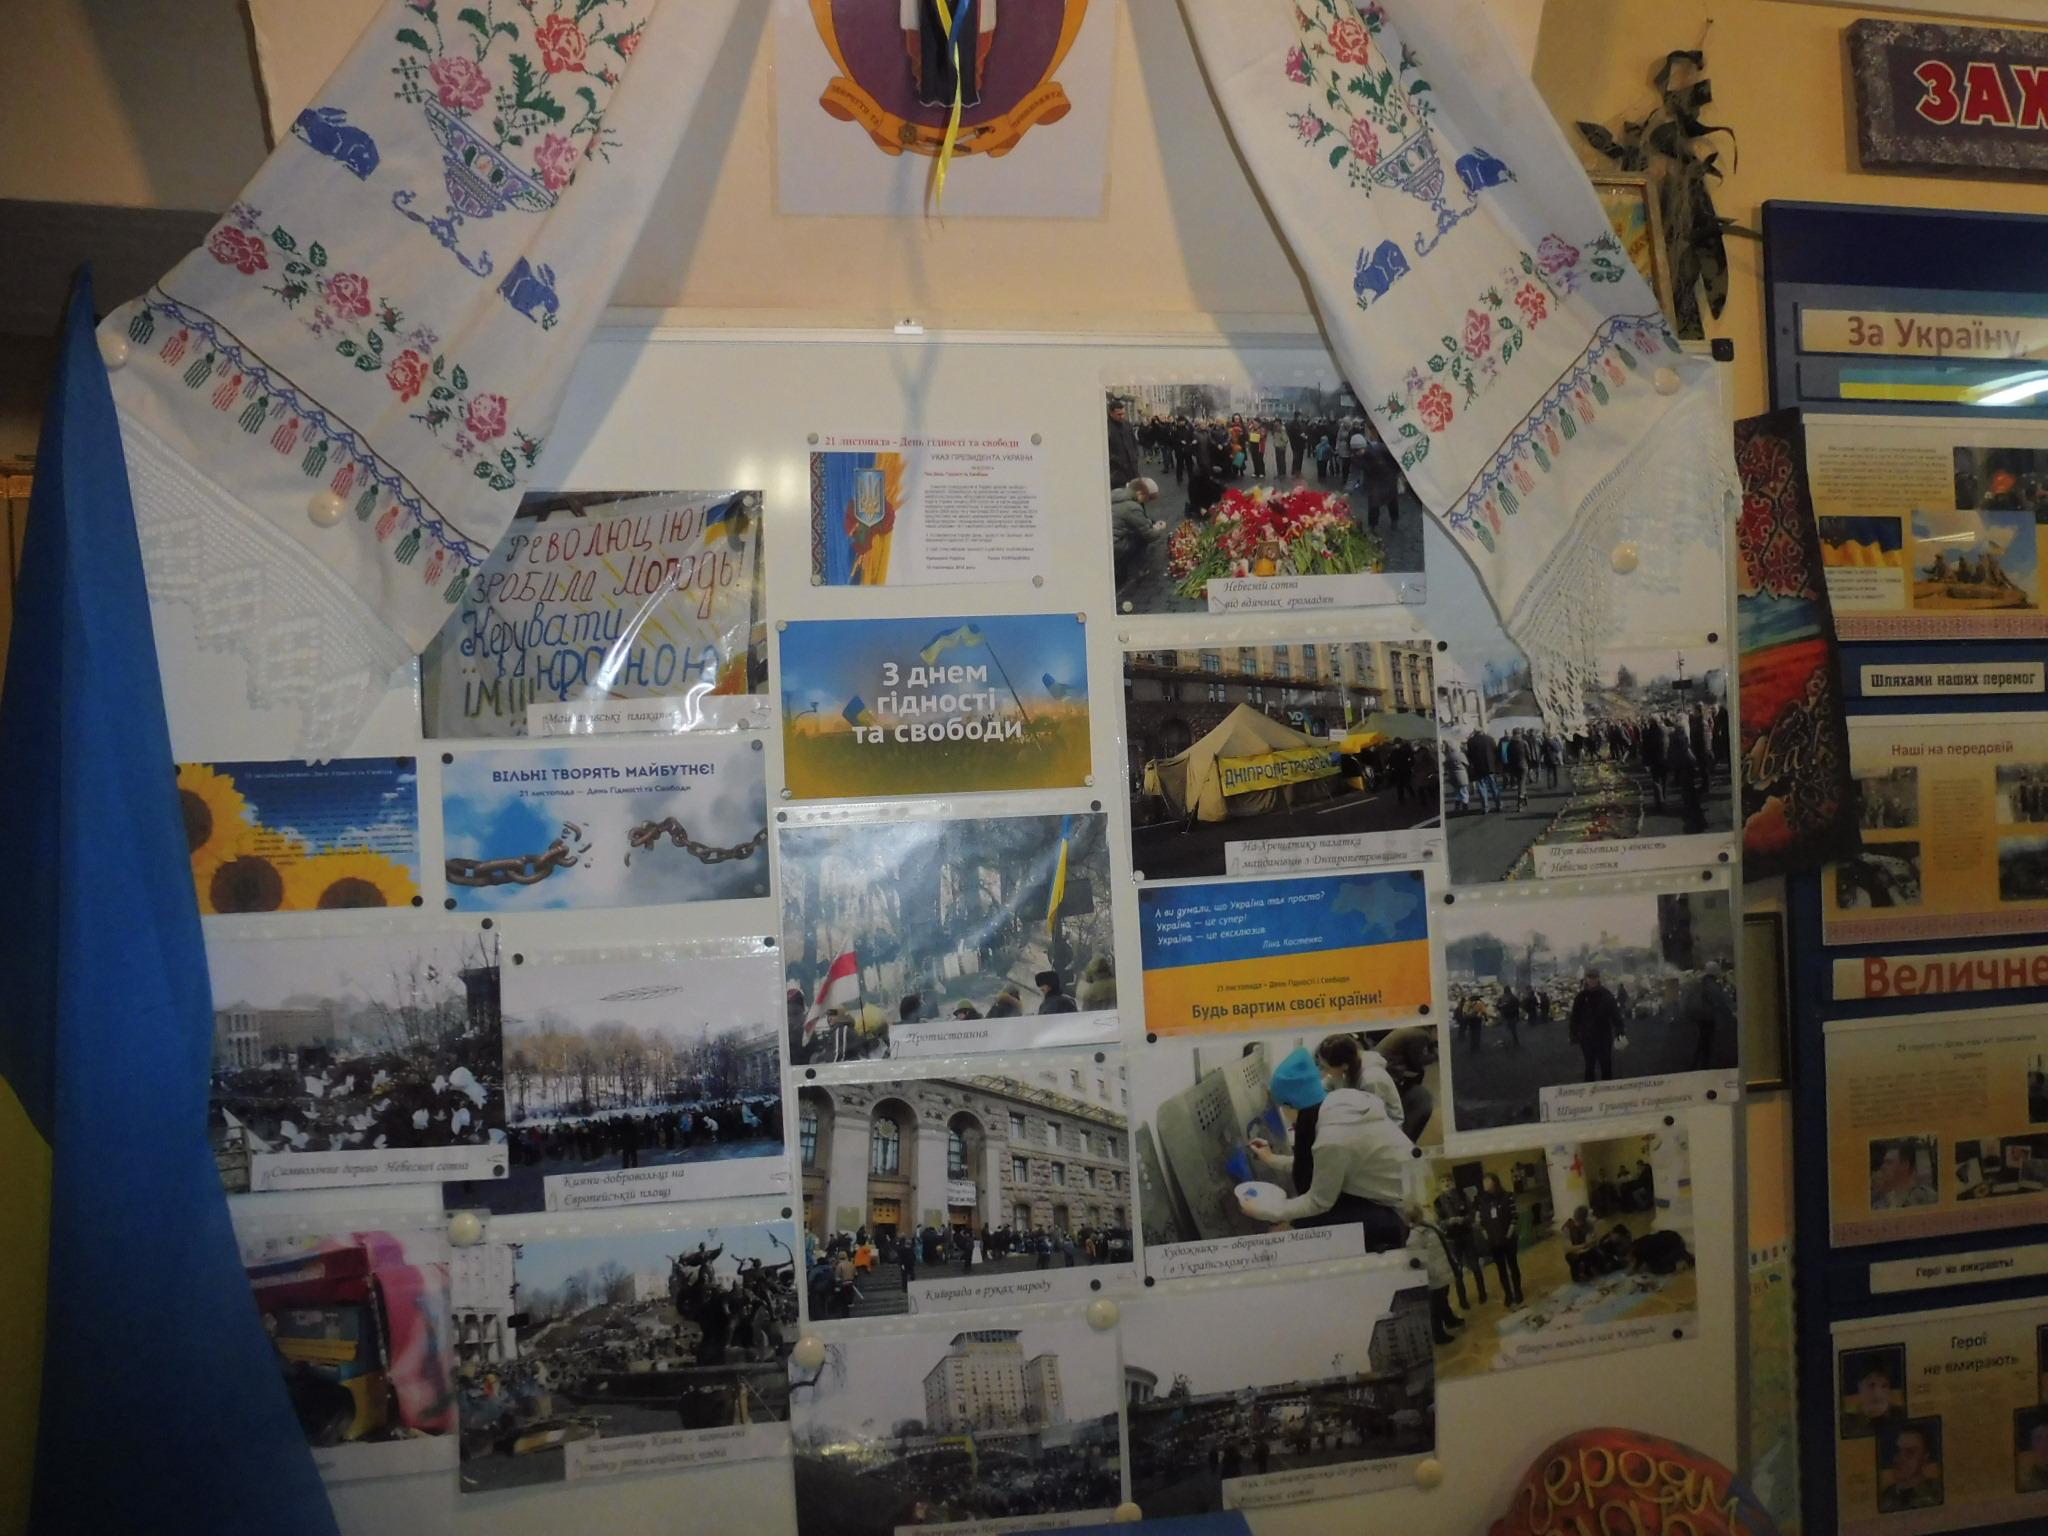 У міському музеї Покрова  відкрилася виставка, присвячена Дню Гідності та Свободи